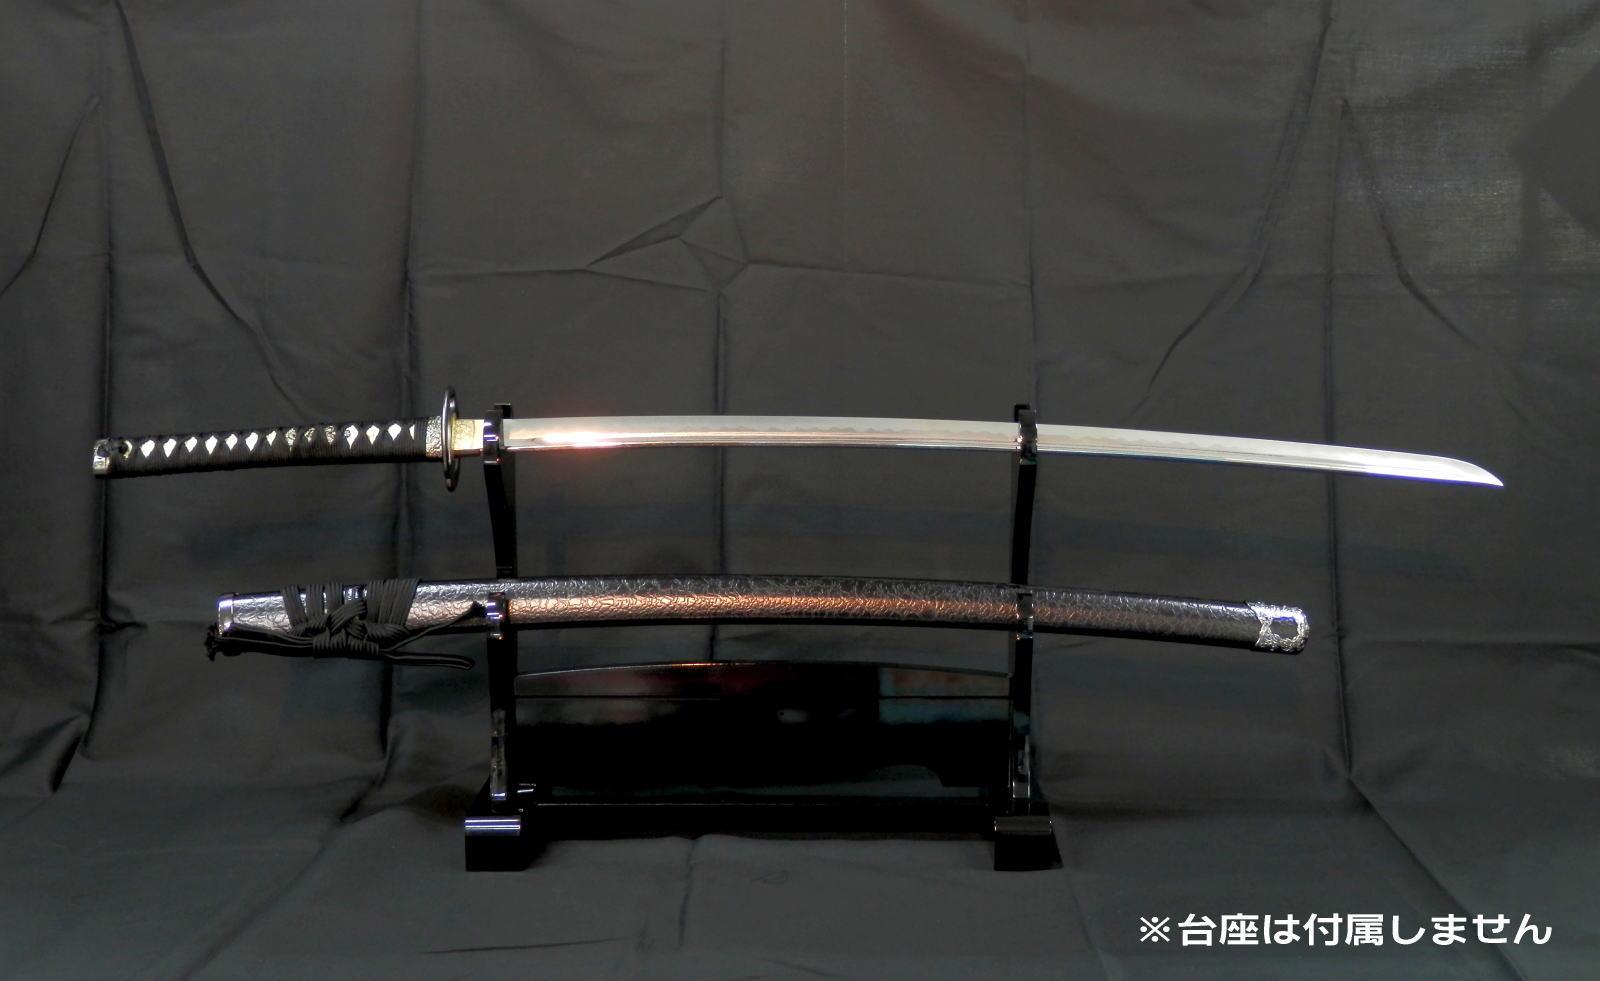 【即納】匠刀房 NEU-037L 宮本武蔵 大刀 模造刀 美術刀 日本刀